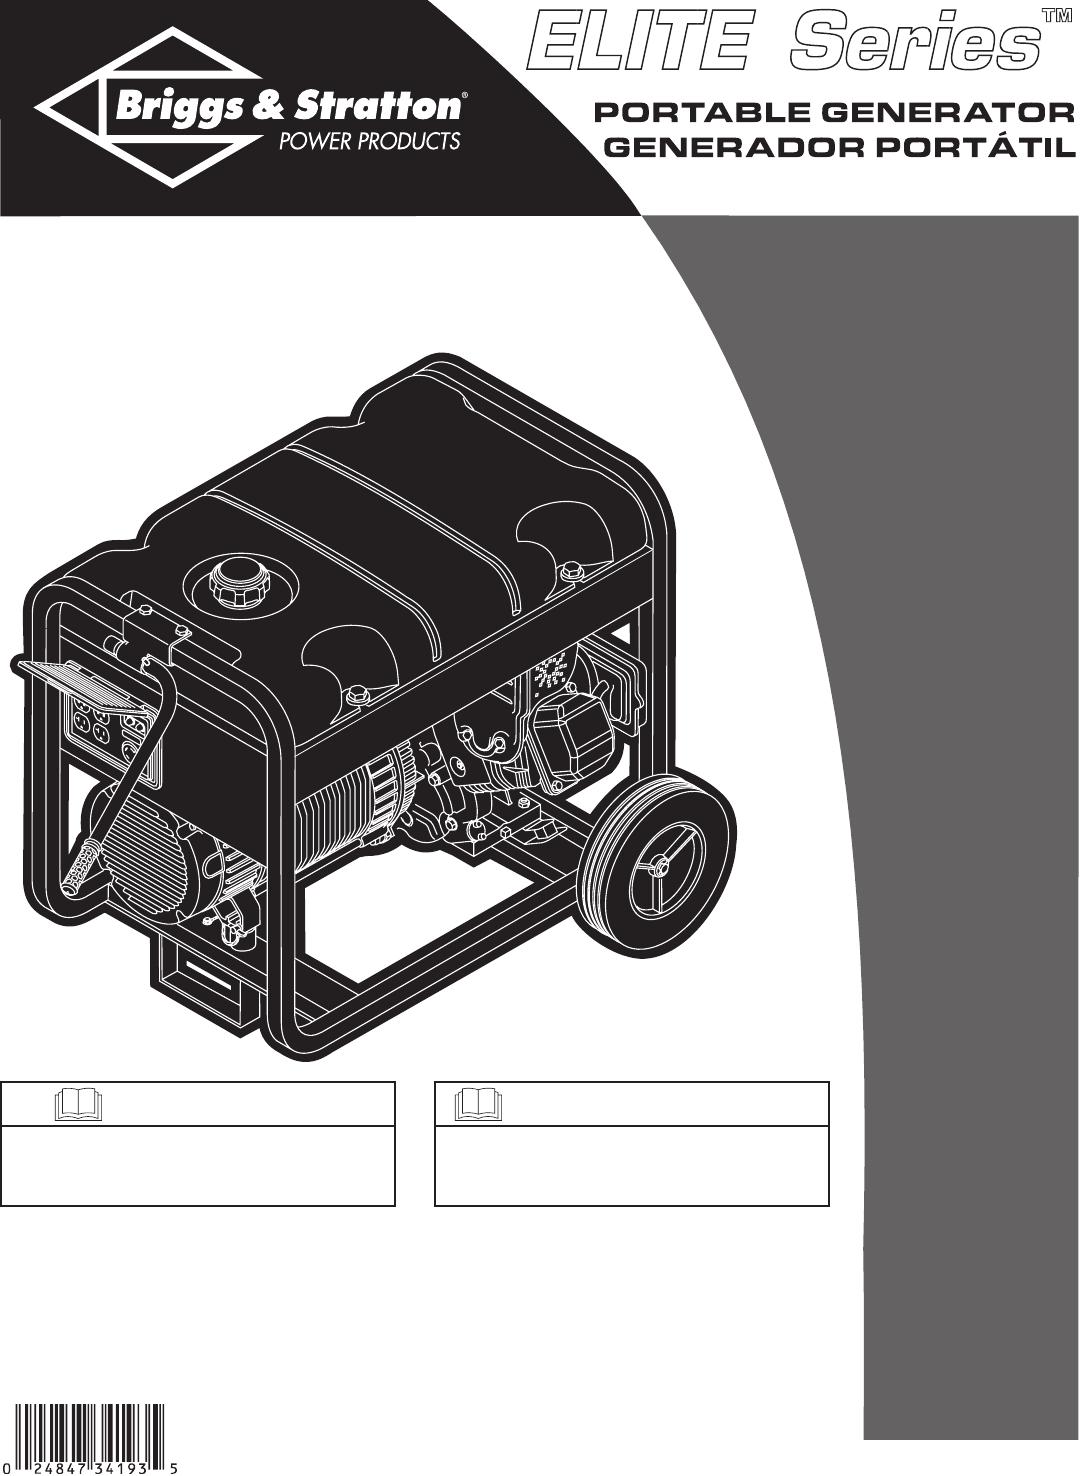 briggs and stratton manuals pdf